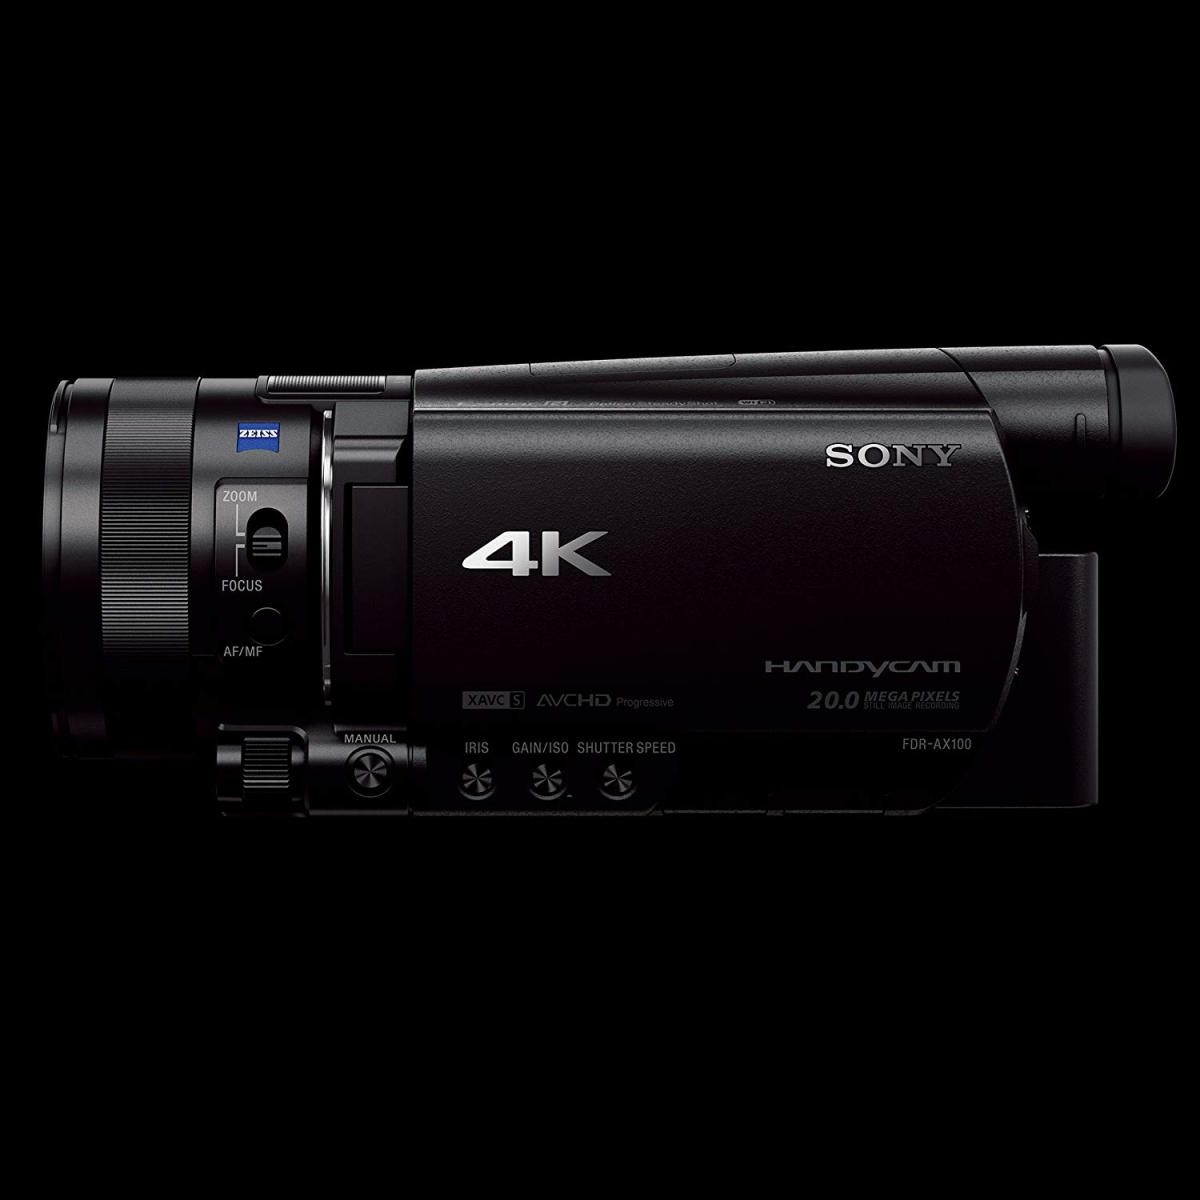 ソニー Handycam FDR-AX100 (ブラック)の商品画像 2